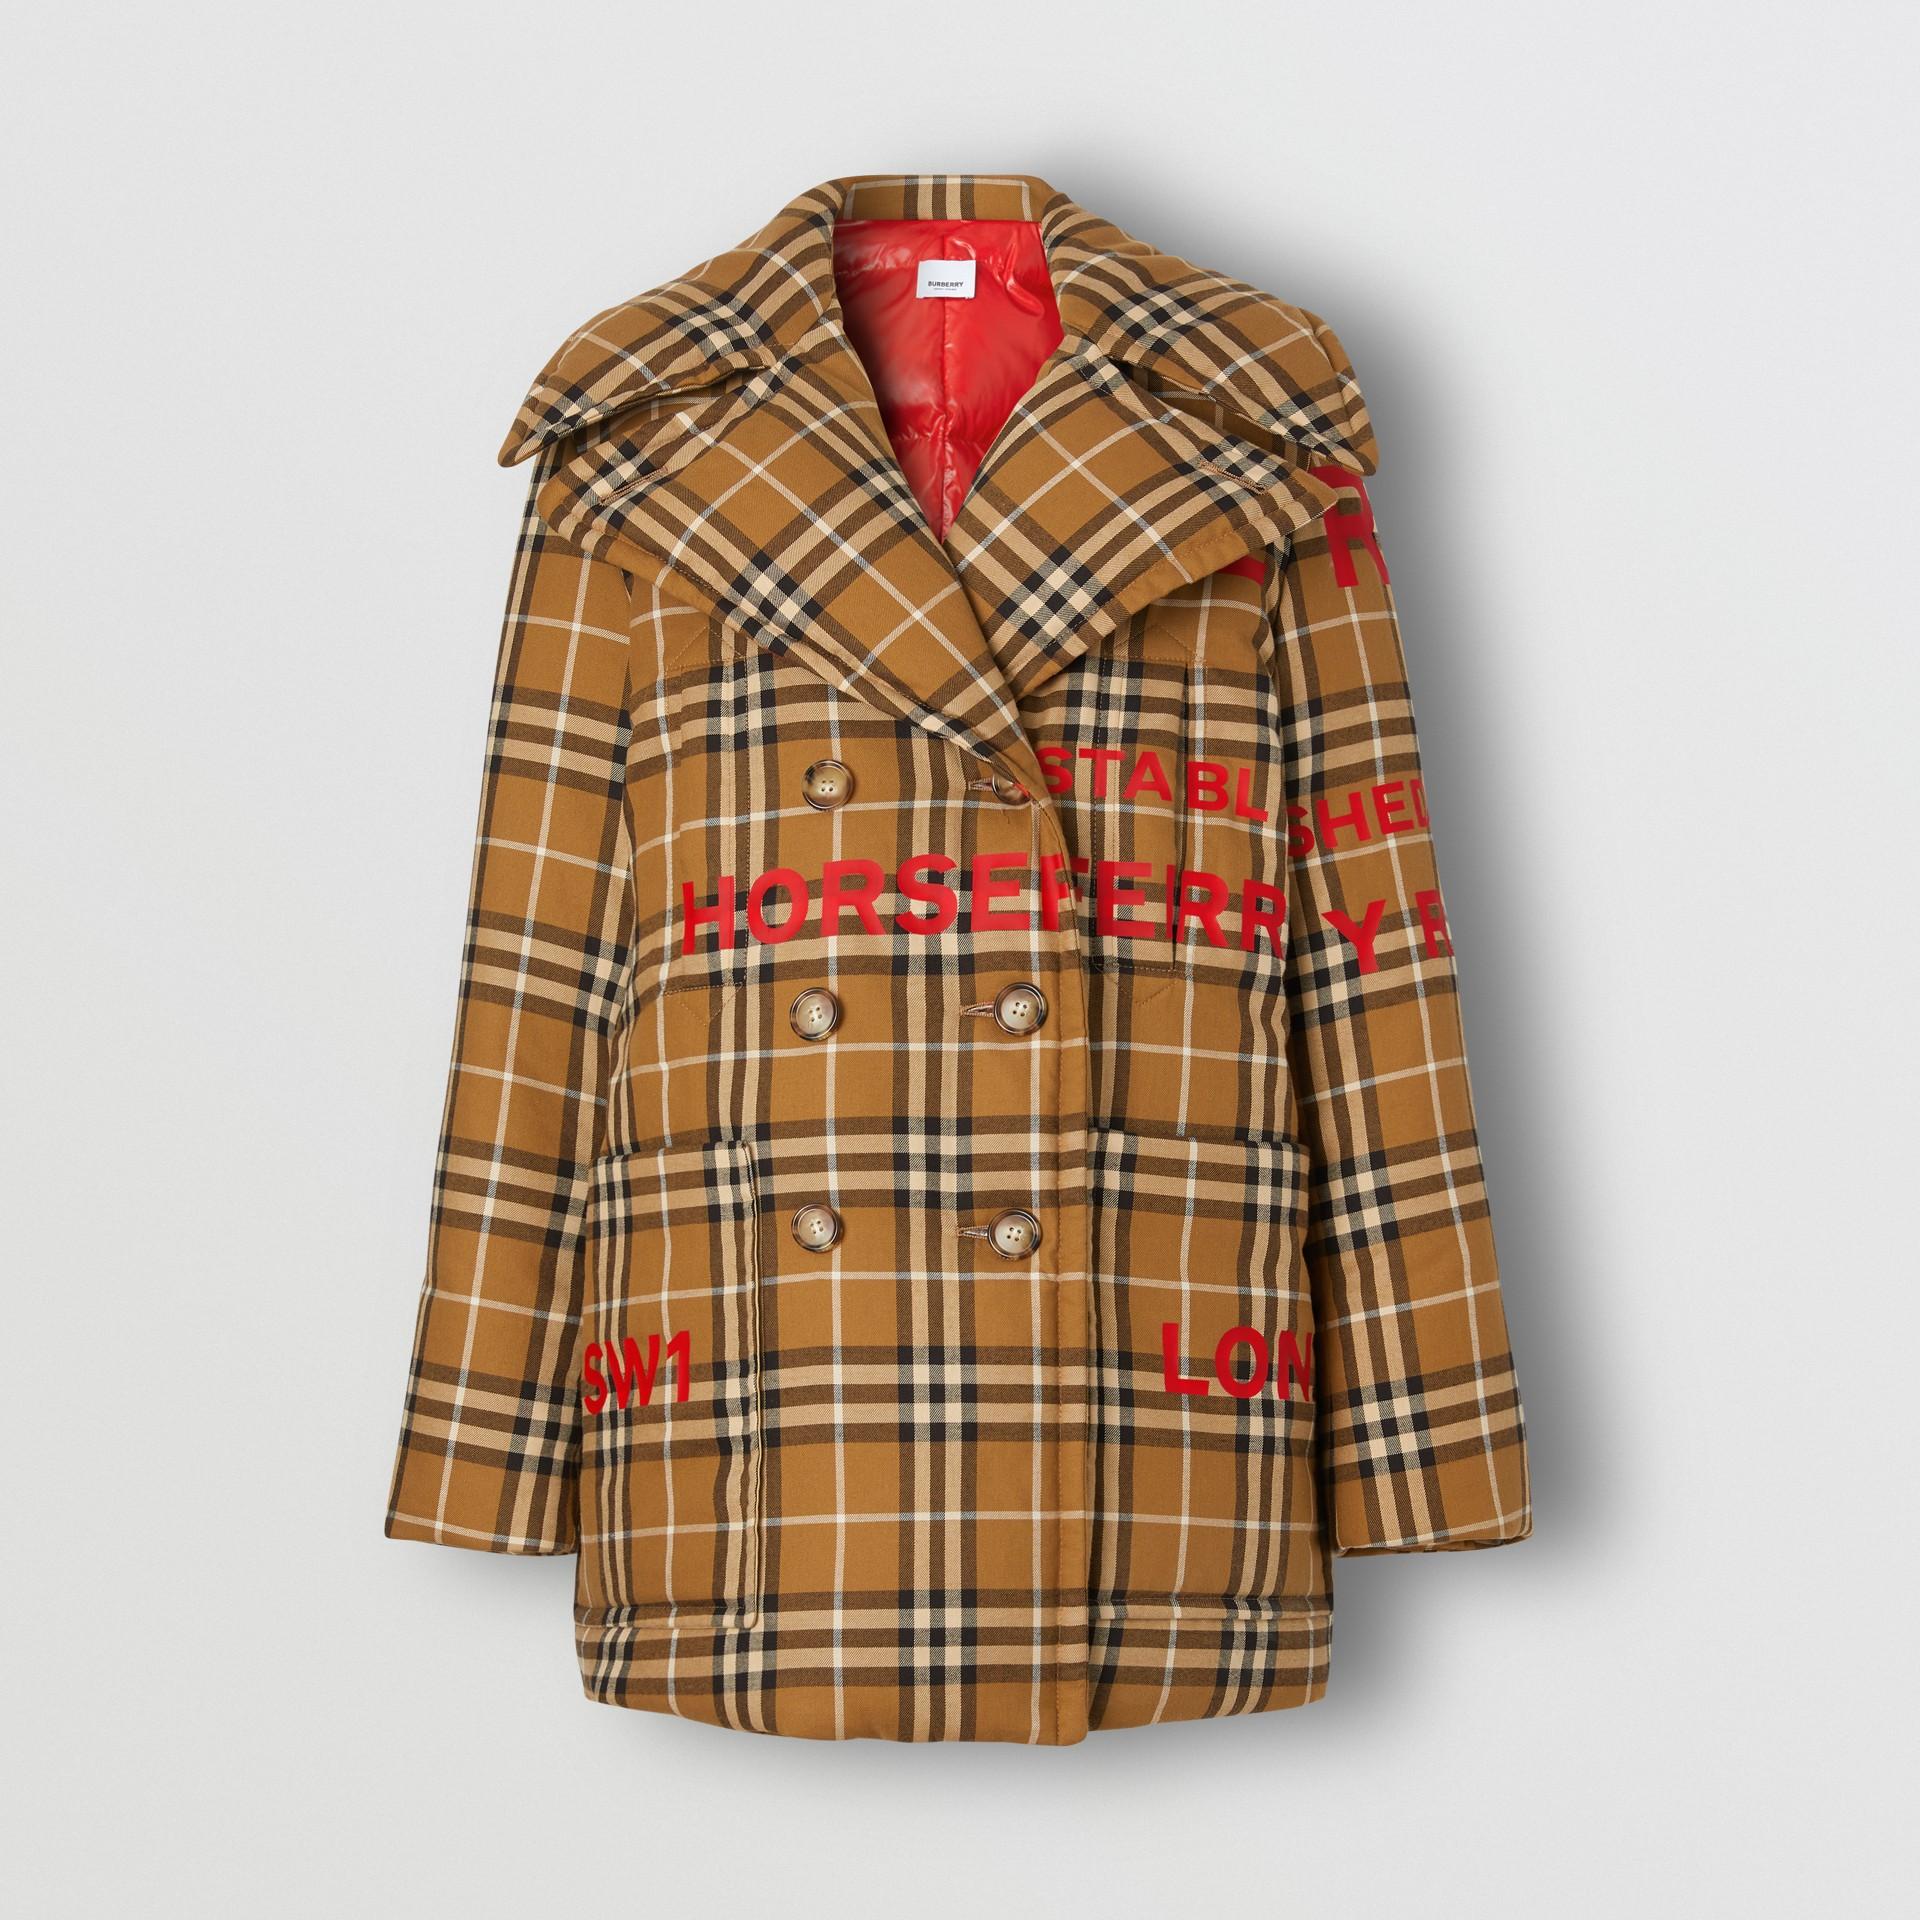 Pea coat oversize acolchoado com estampa Horseferry (Avelã Intenso) - Mulheres | Burberry - galeria de imagens 3